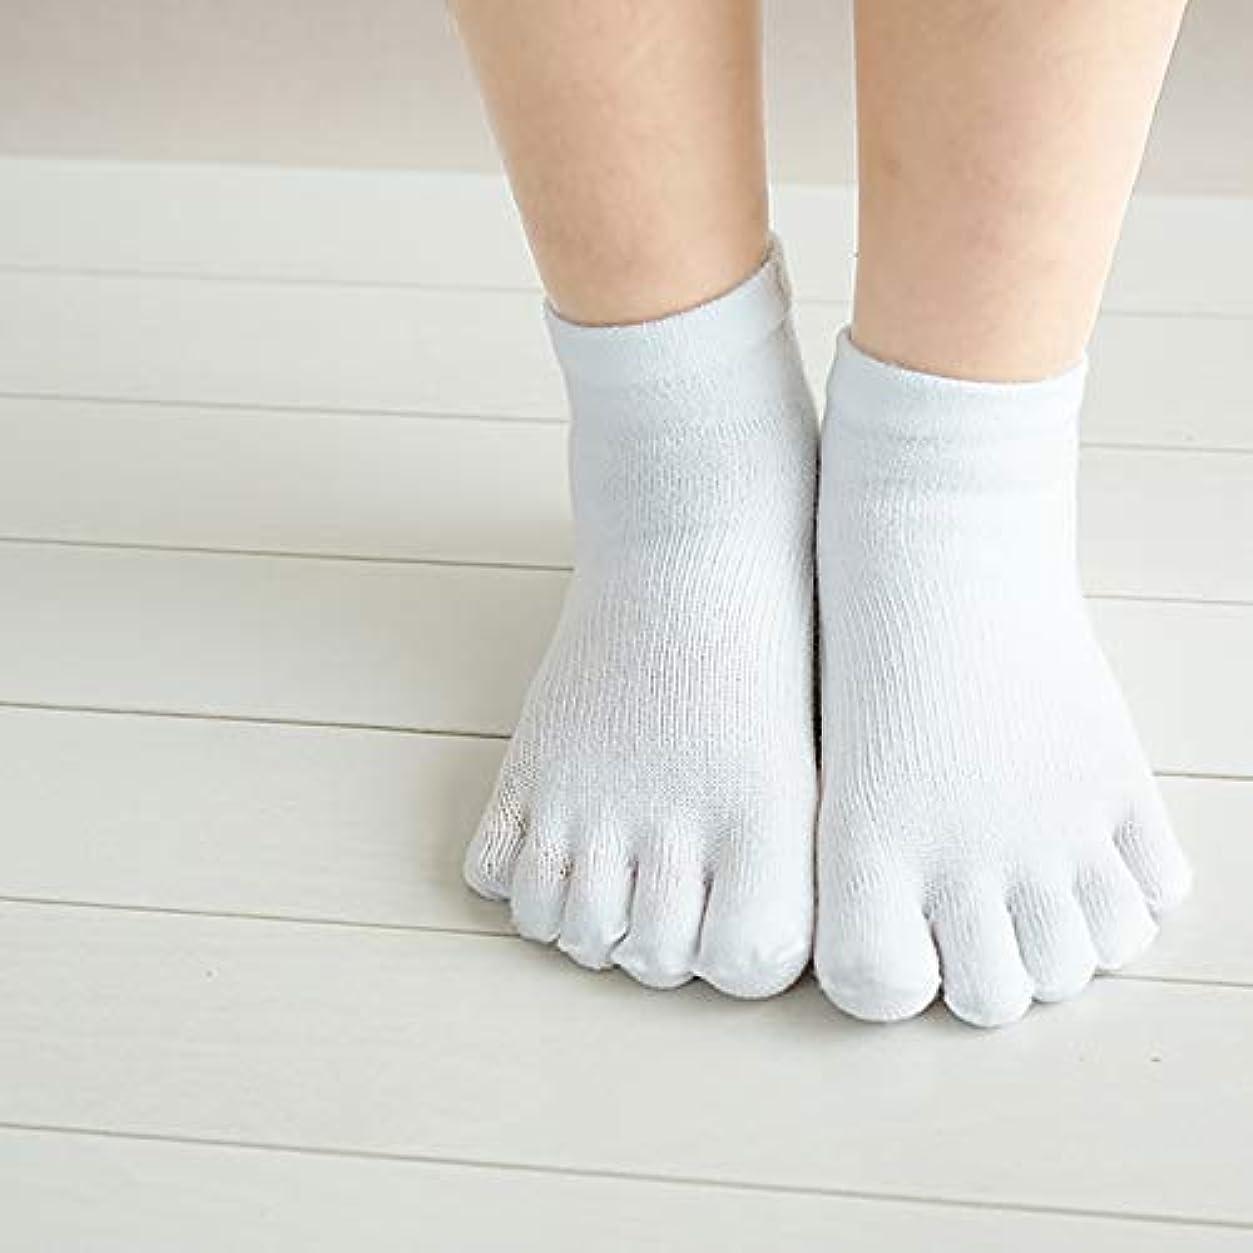 回転させる貞おかしいゆびのばソックス Neo アズキッズ ホワイト 幼児用靴下 5本指ソックス